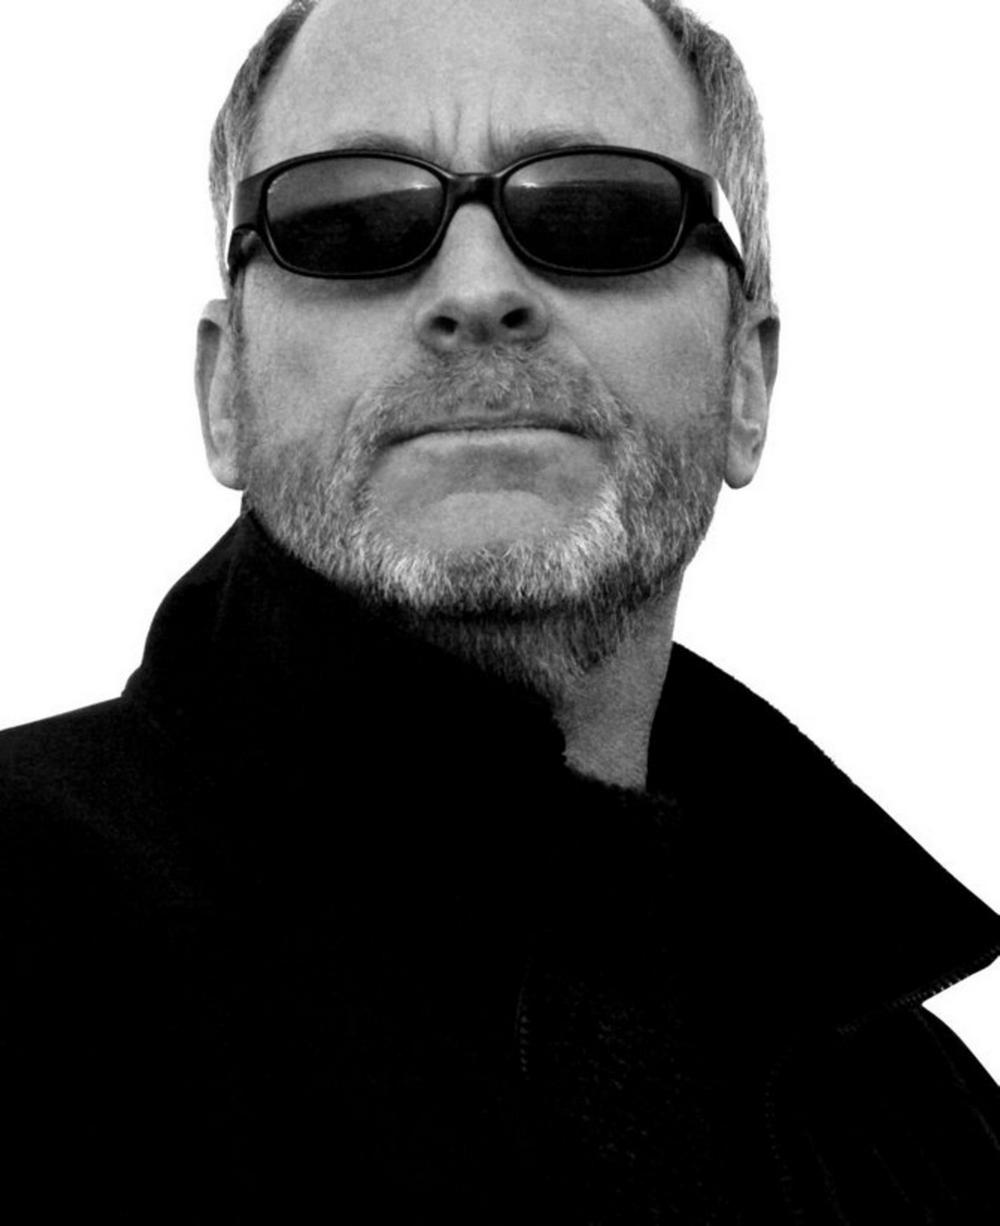 Грег Горман один из лучших в съёмке портретов знаменитостей и непревзойдённый мастер мужского ню 34